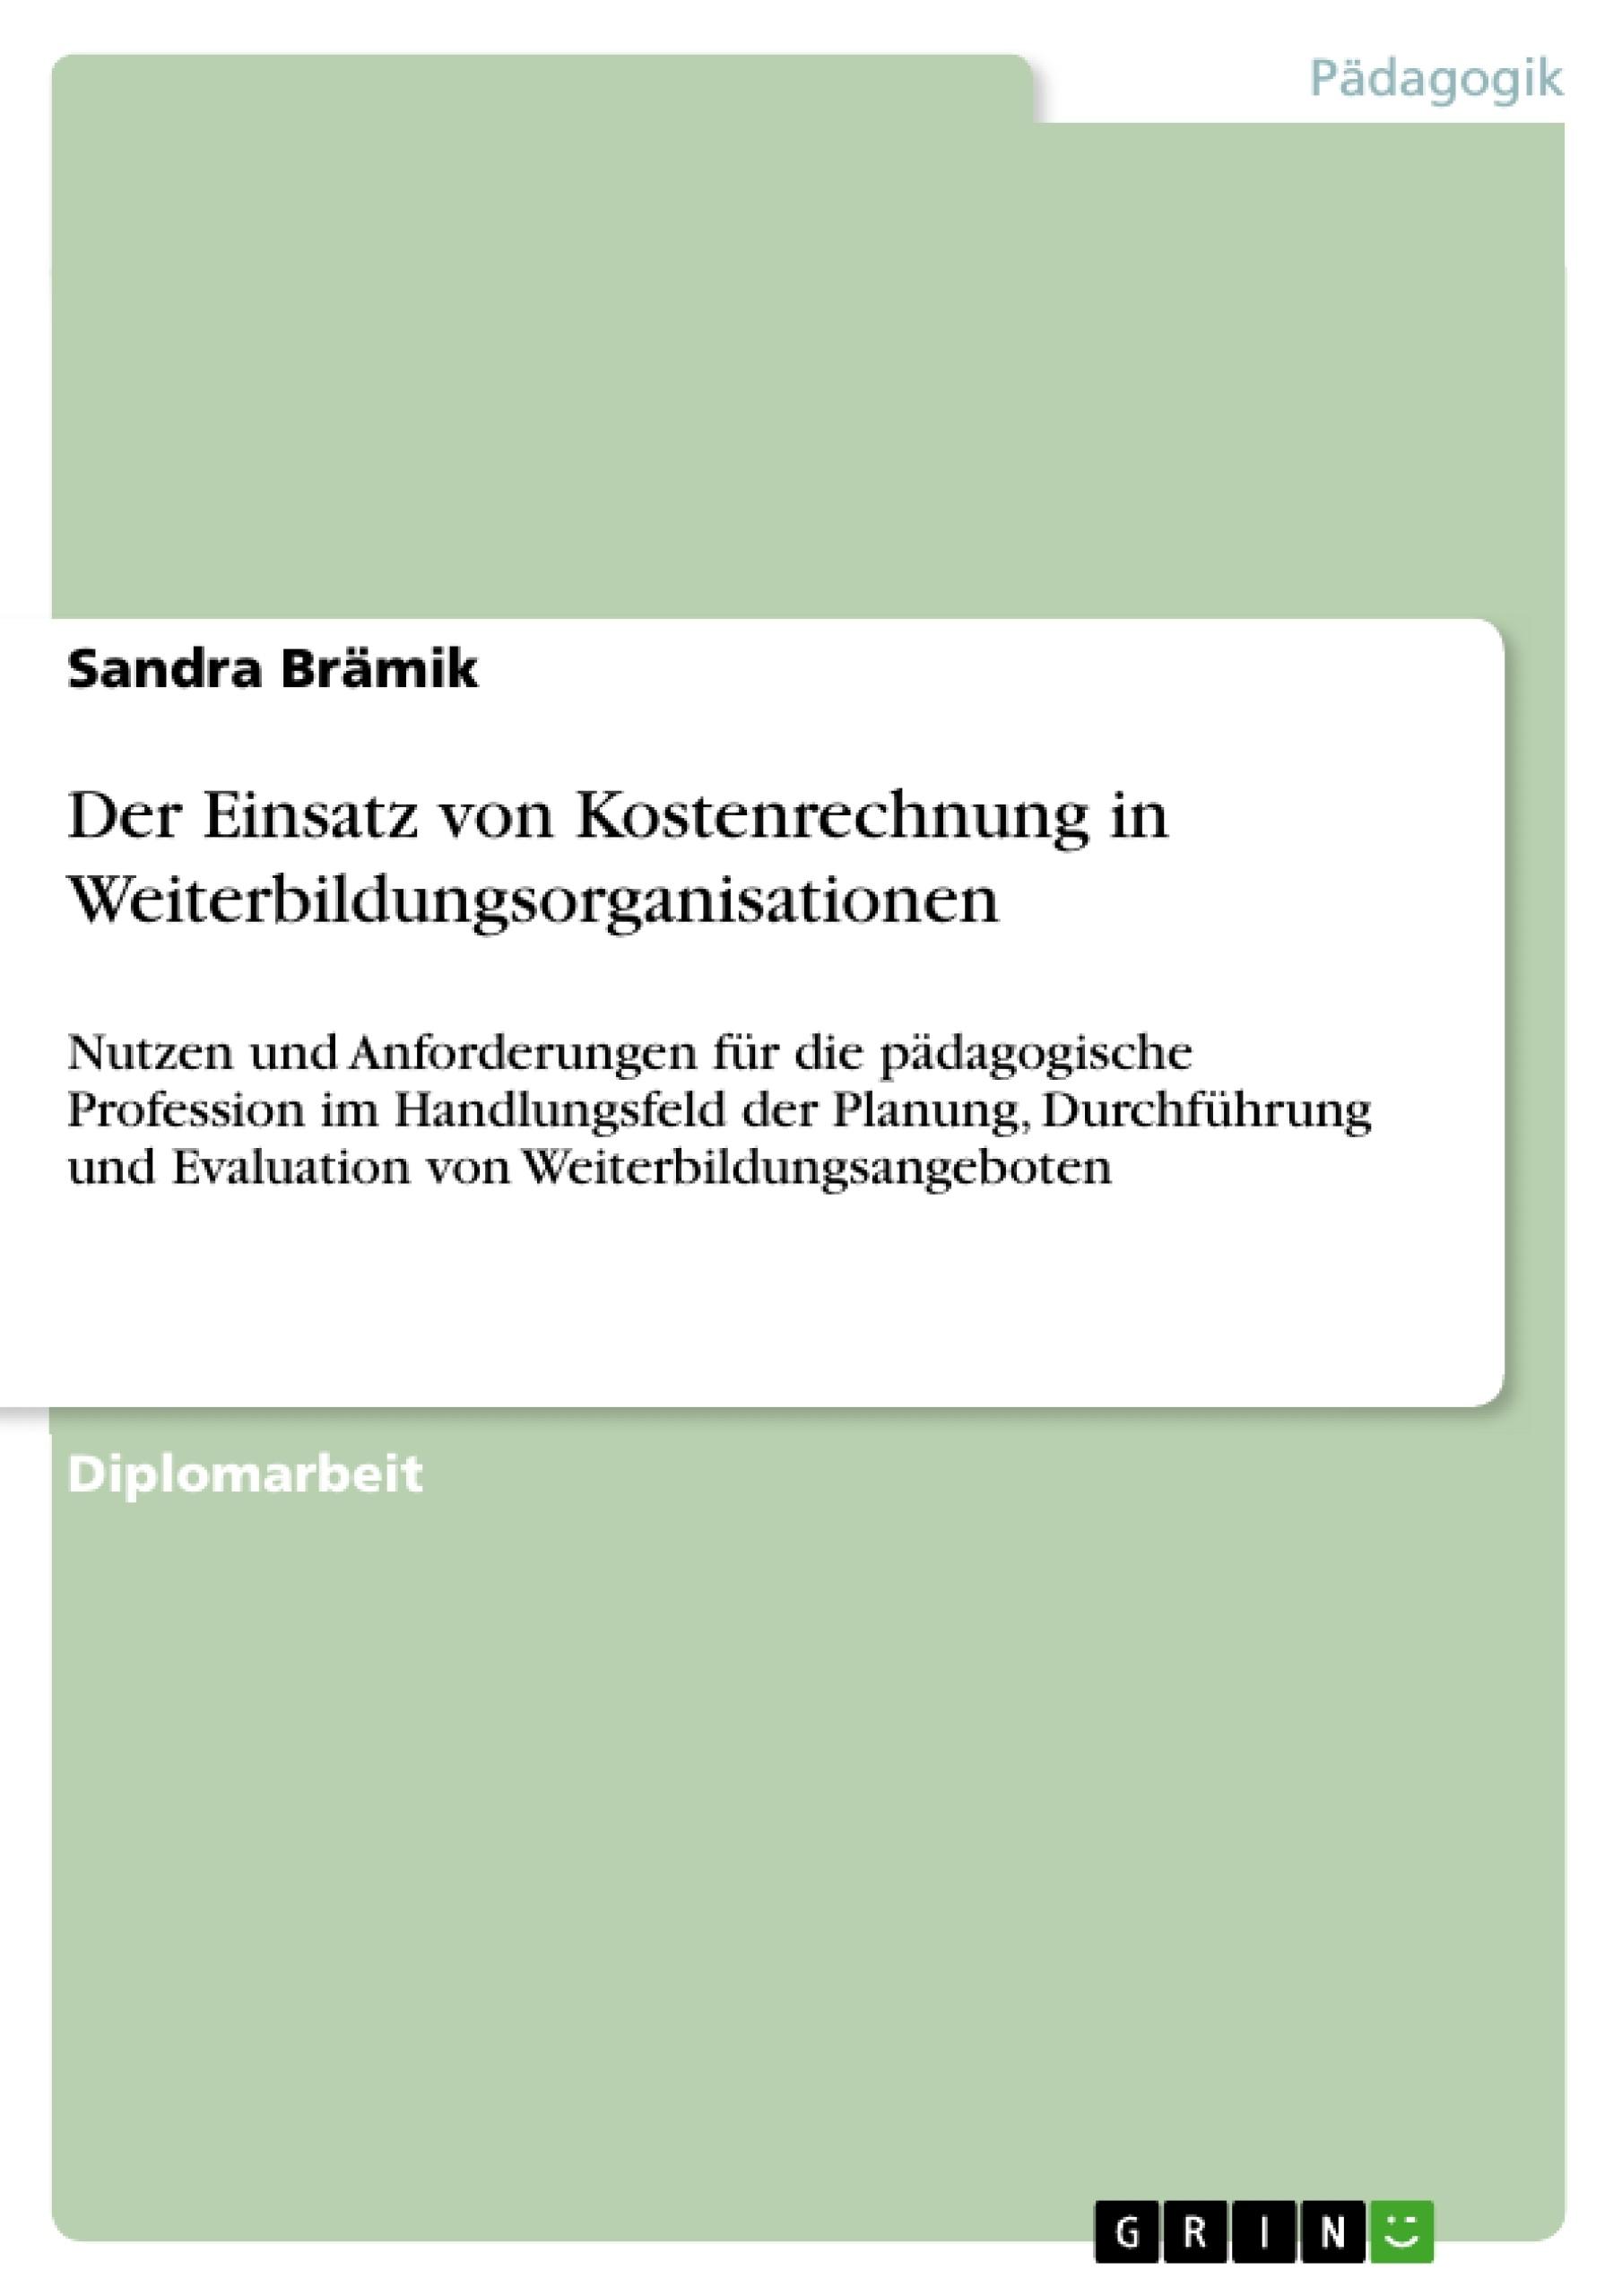 Titel: Der Einsatz von Kostenrechnung in Weiterbildungsorganisationen